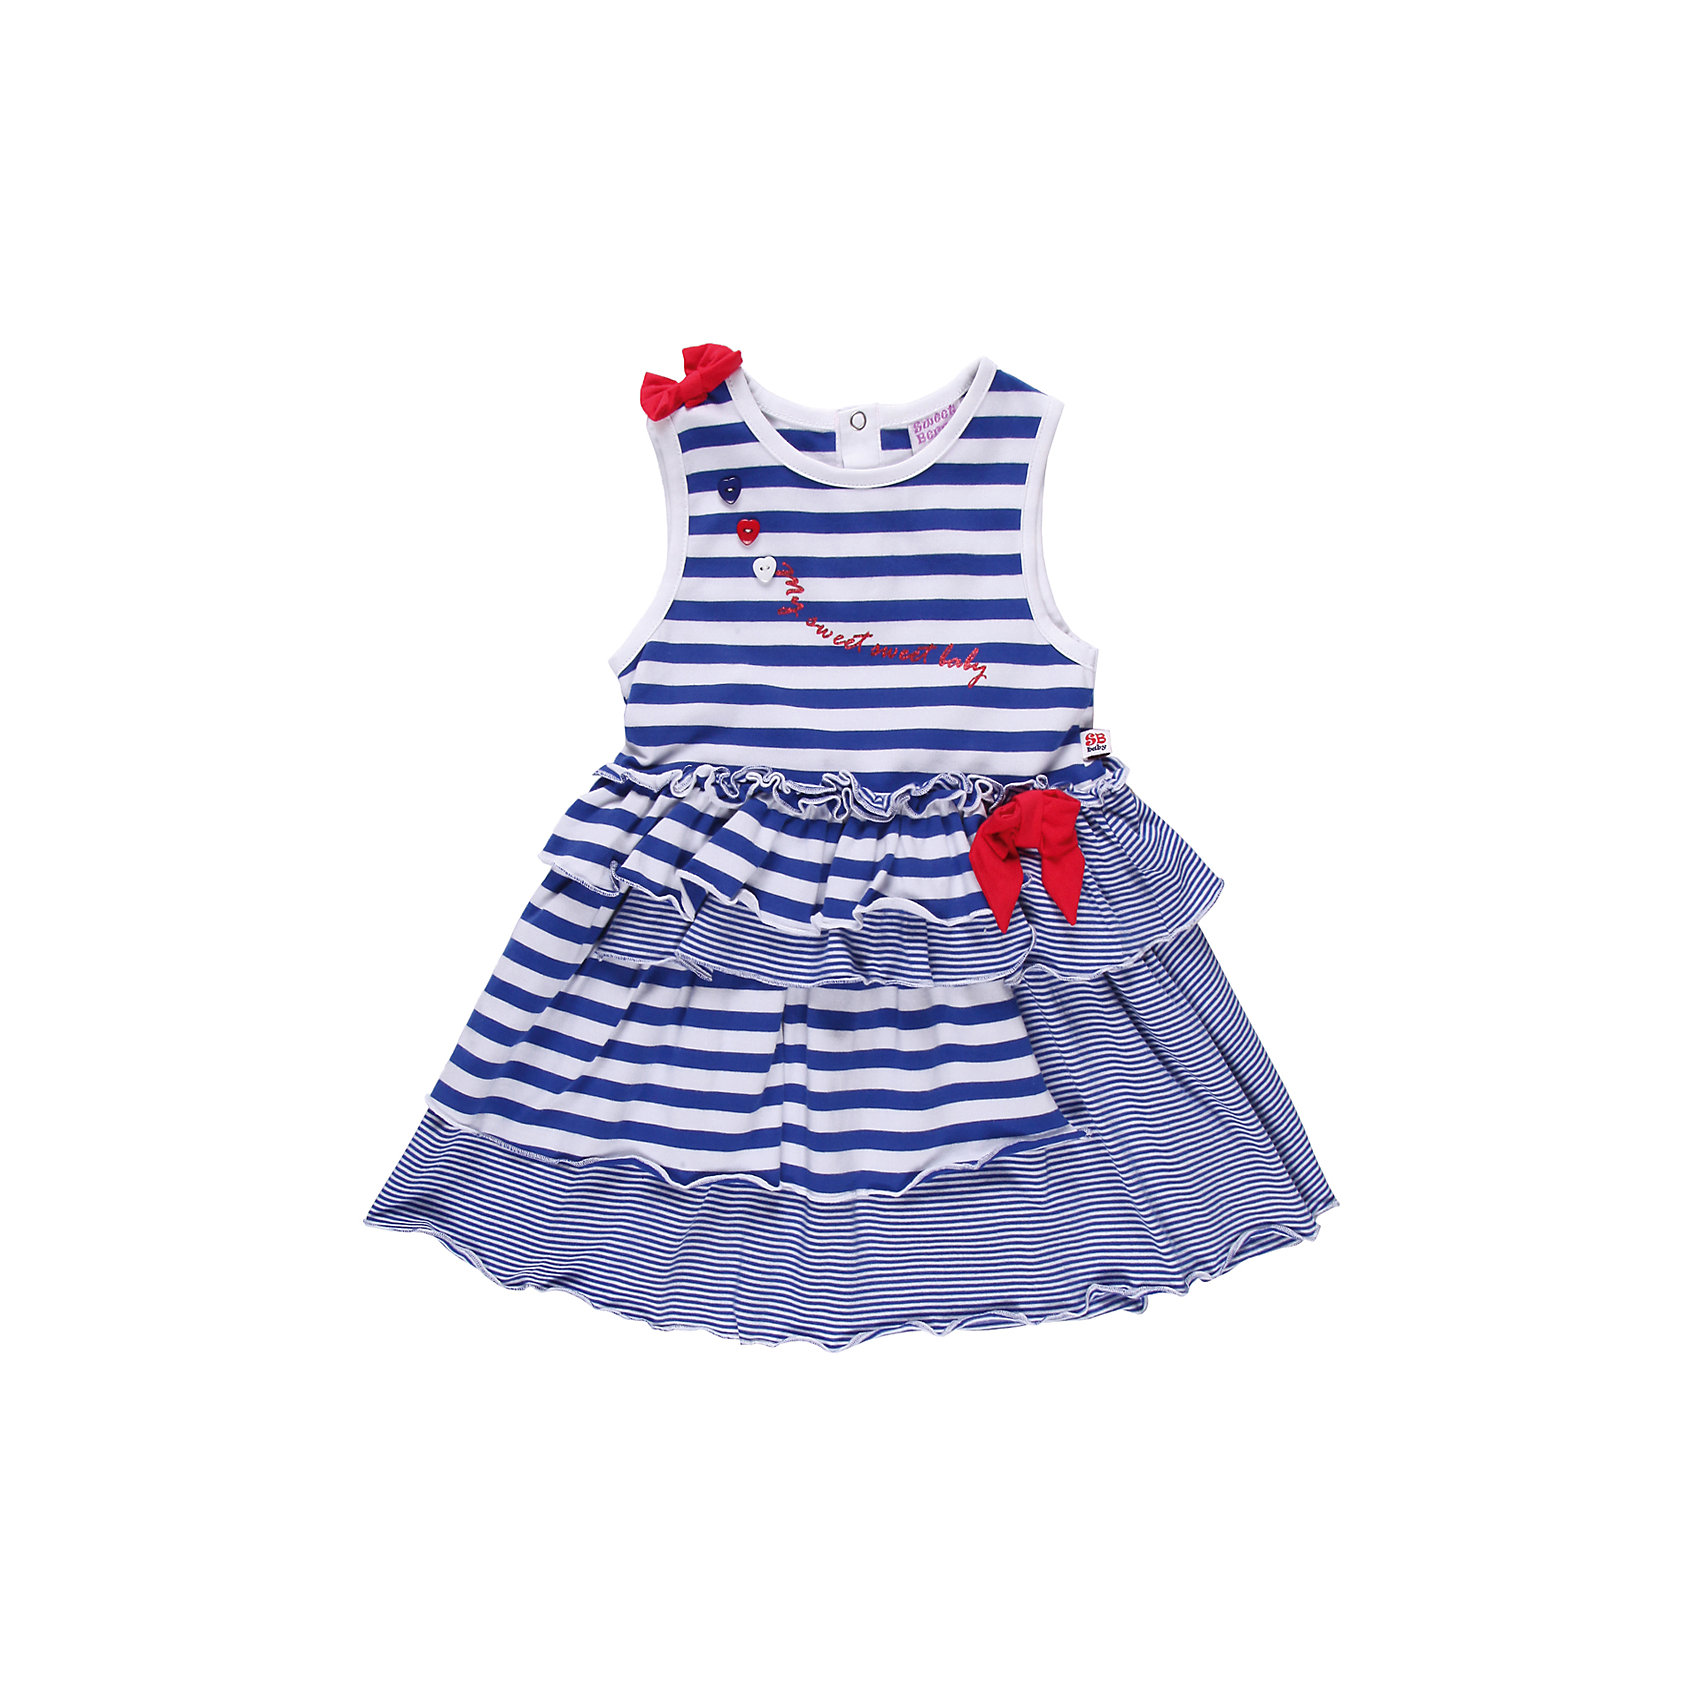 Платье для девочки Sweet BerryРомантичное платье  из тонкого трикотажа. Два вида полосок. Декорировано яркими бантами.<br>Состав:<br>95% хлопок, 5% эластан<br><br>Ширина мм: 236<br>Глубина мм: 16<br>Высота мм: 184<br>Вес г: 177<br>Цвет: белый/синий<br>Возраст от месяцев: 18<br>Возраст до месяцев: 24<br>Пол: Женский<br>Возраст: Детский<br>Размер: 92,80,98,86<br>SKU: 4520368